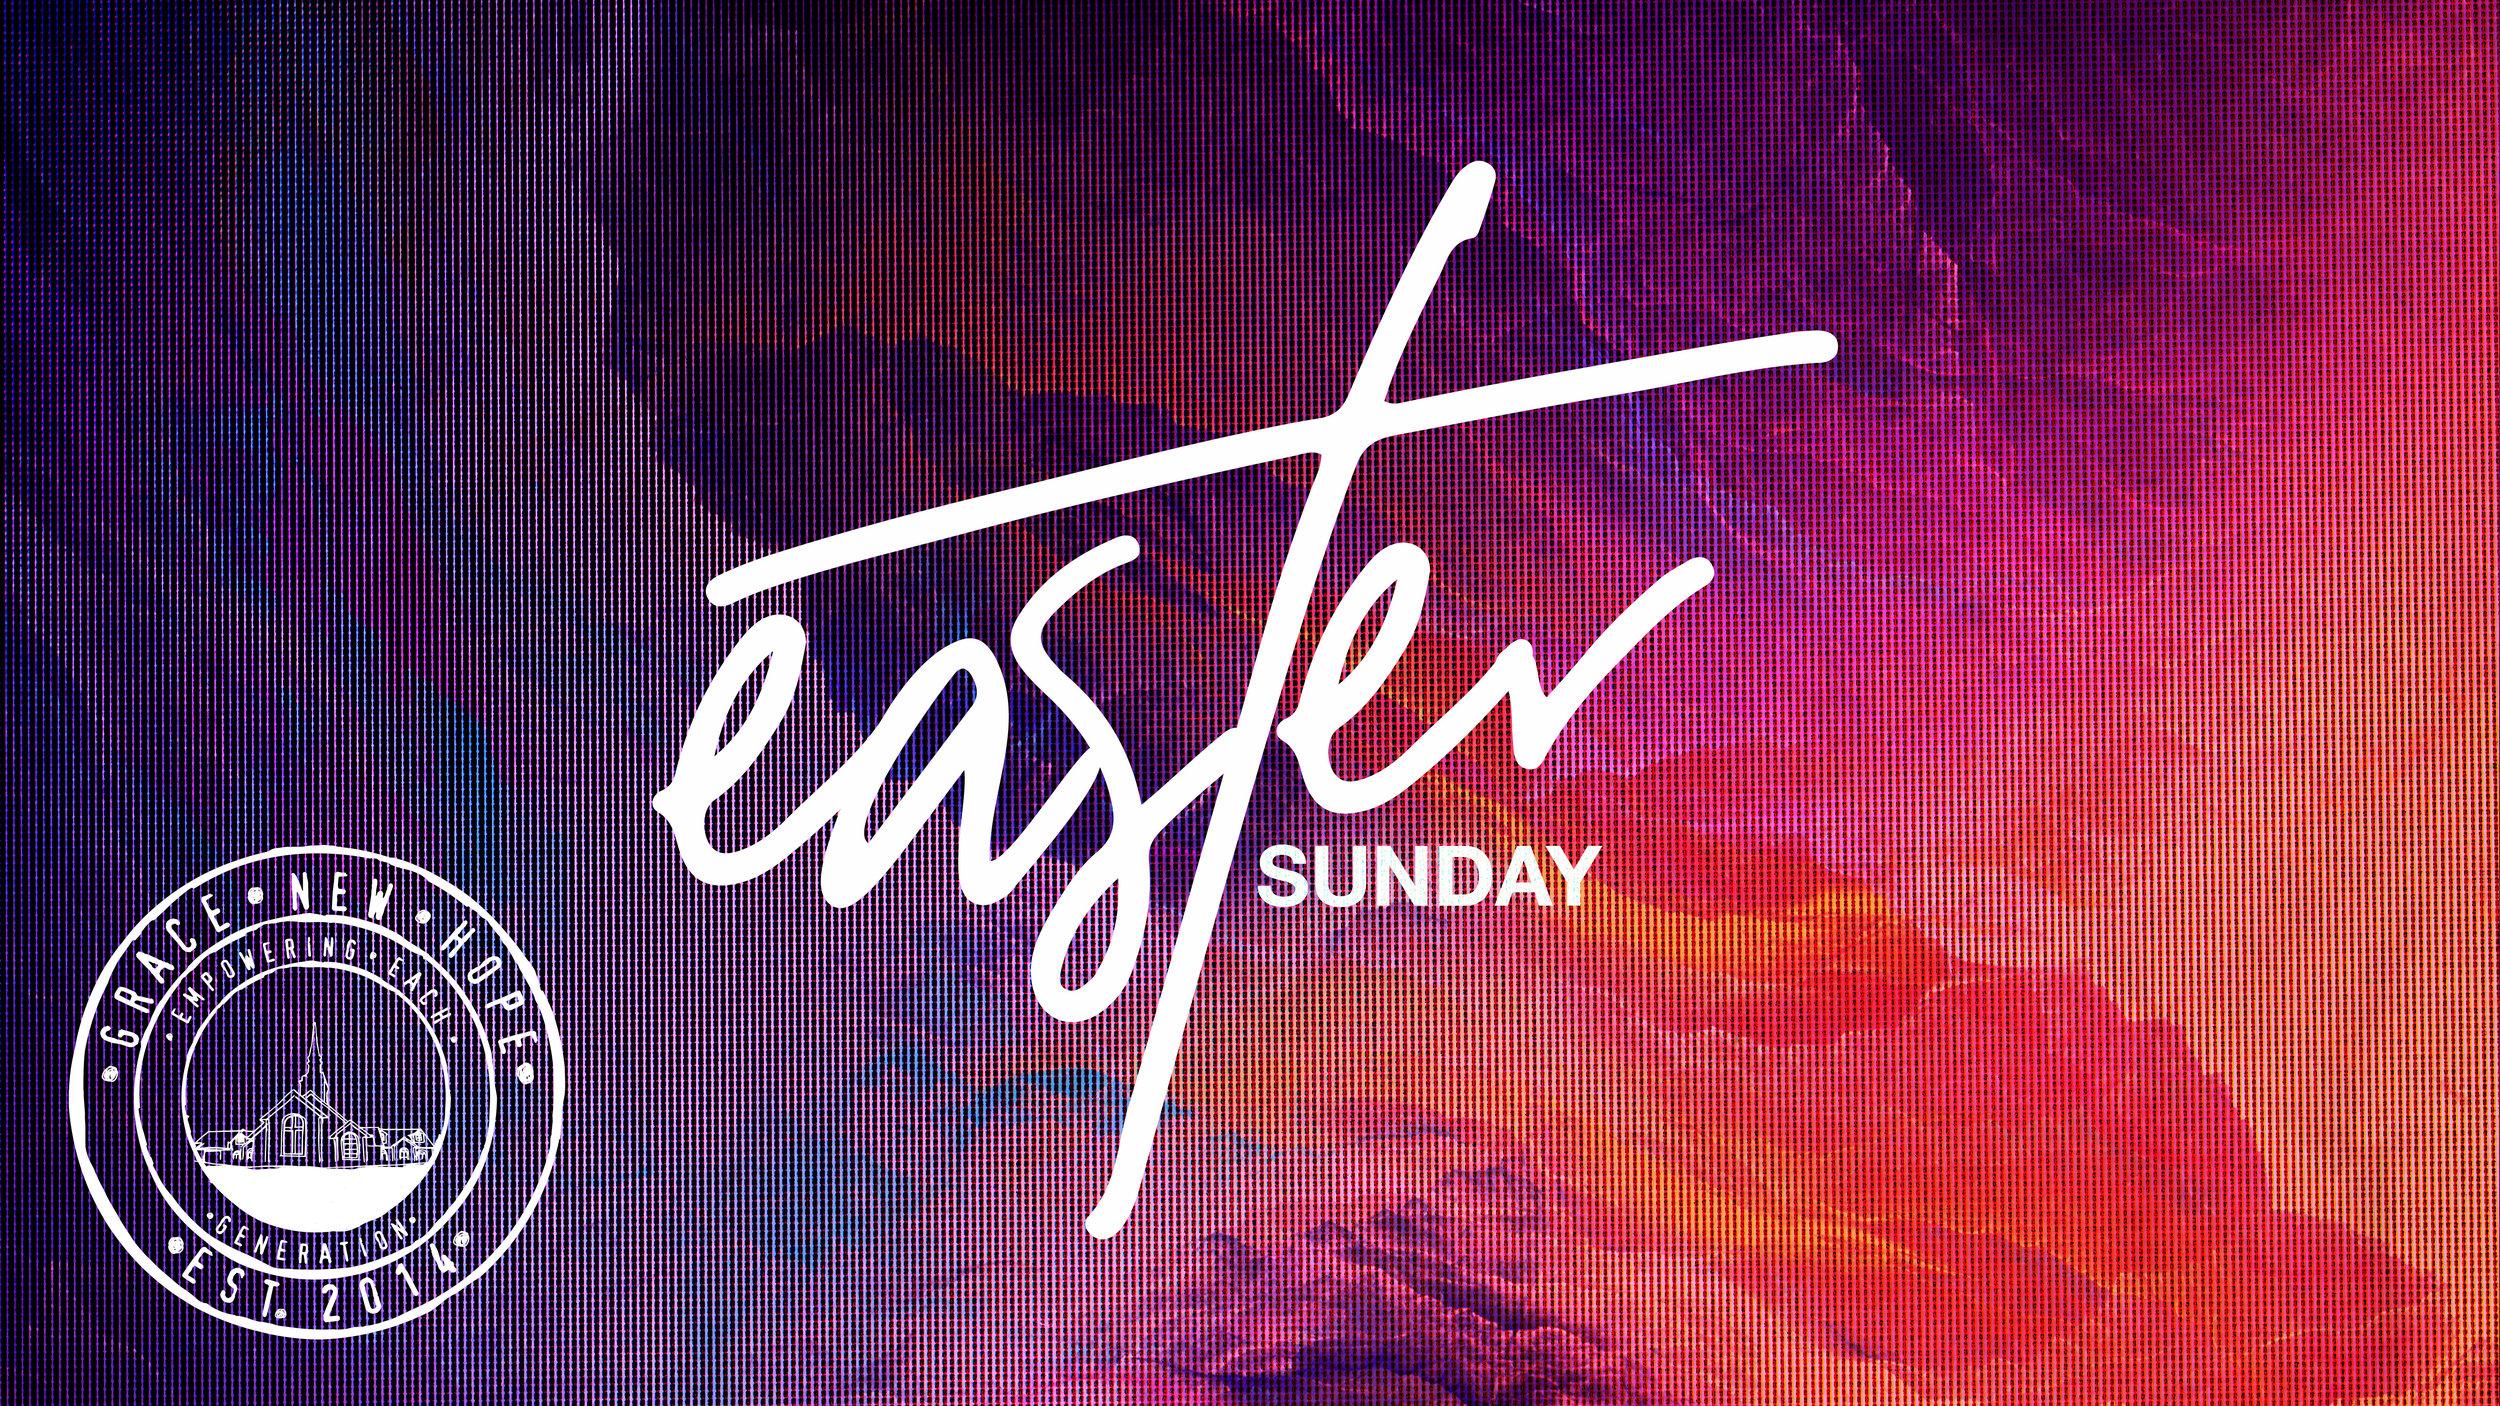 Easter-Sunday_Photoshop-File.jpg